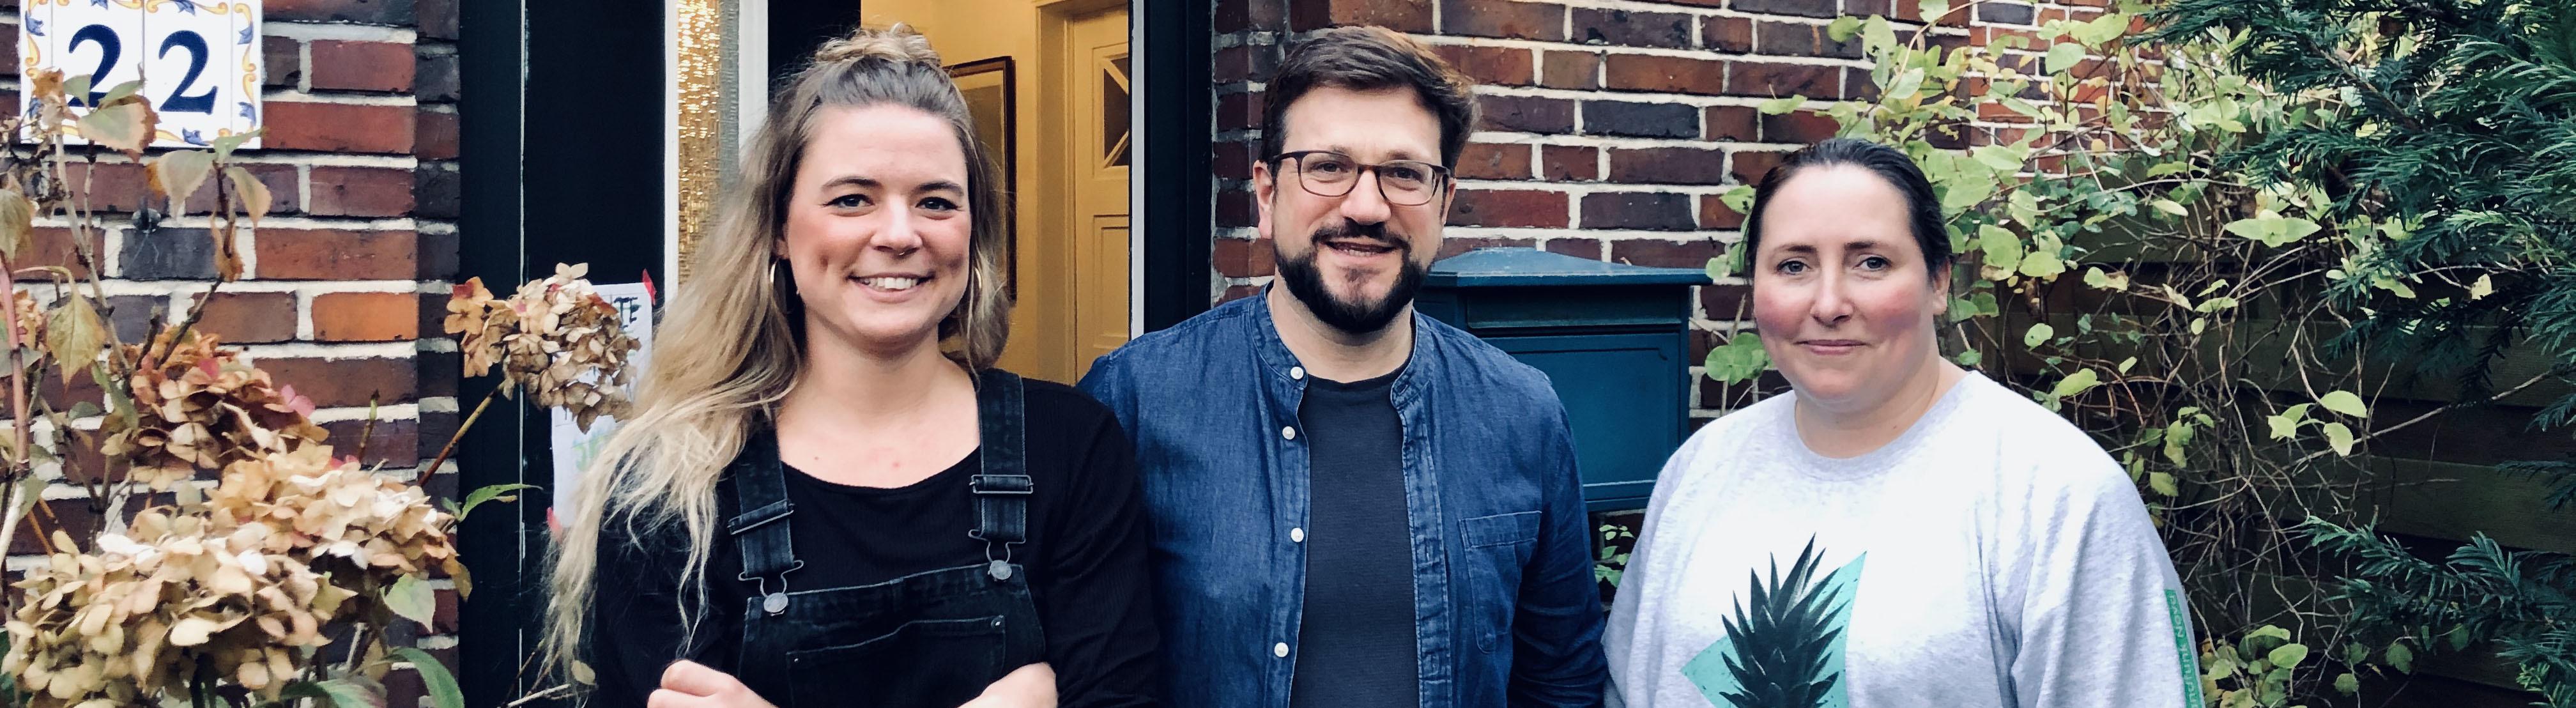 Rahel Klein (l.) und Tina Howard (r.) zusammen mit Thomas Dugaro.